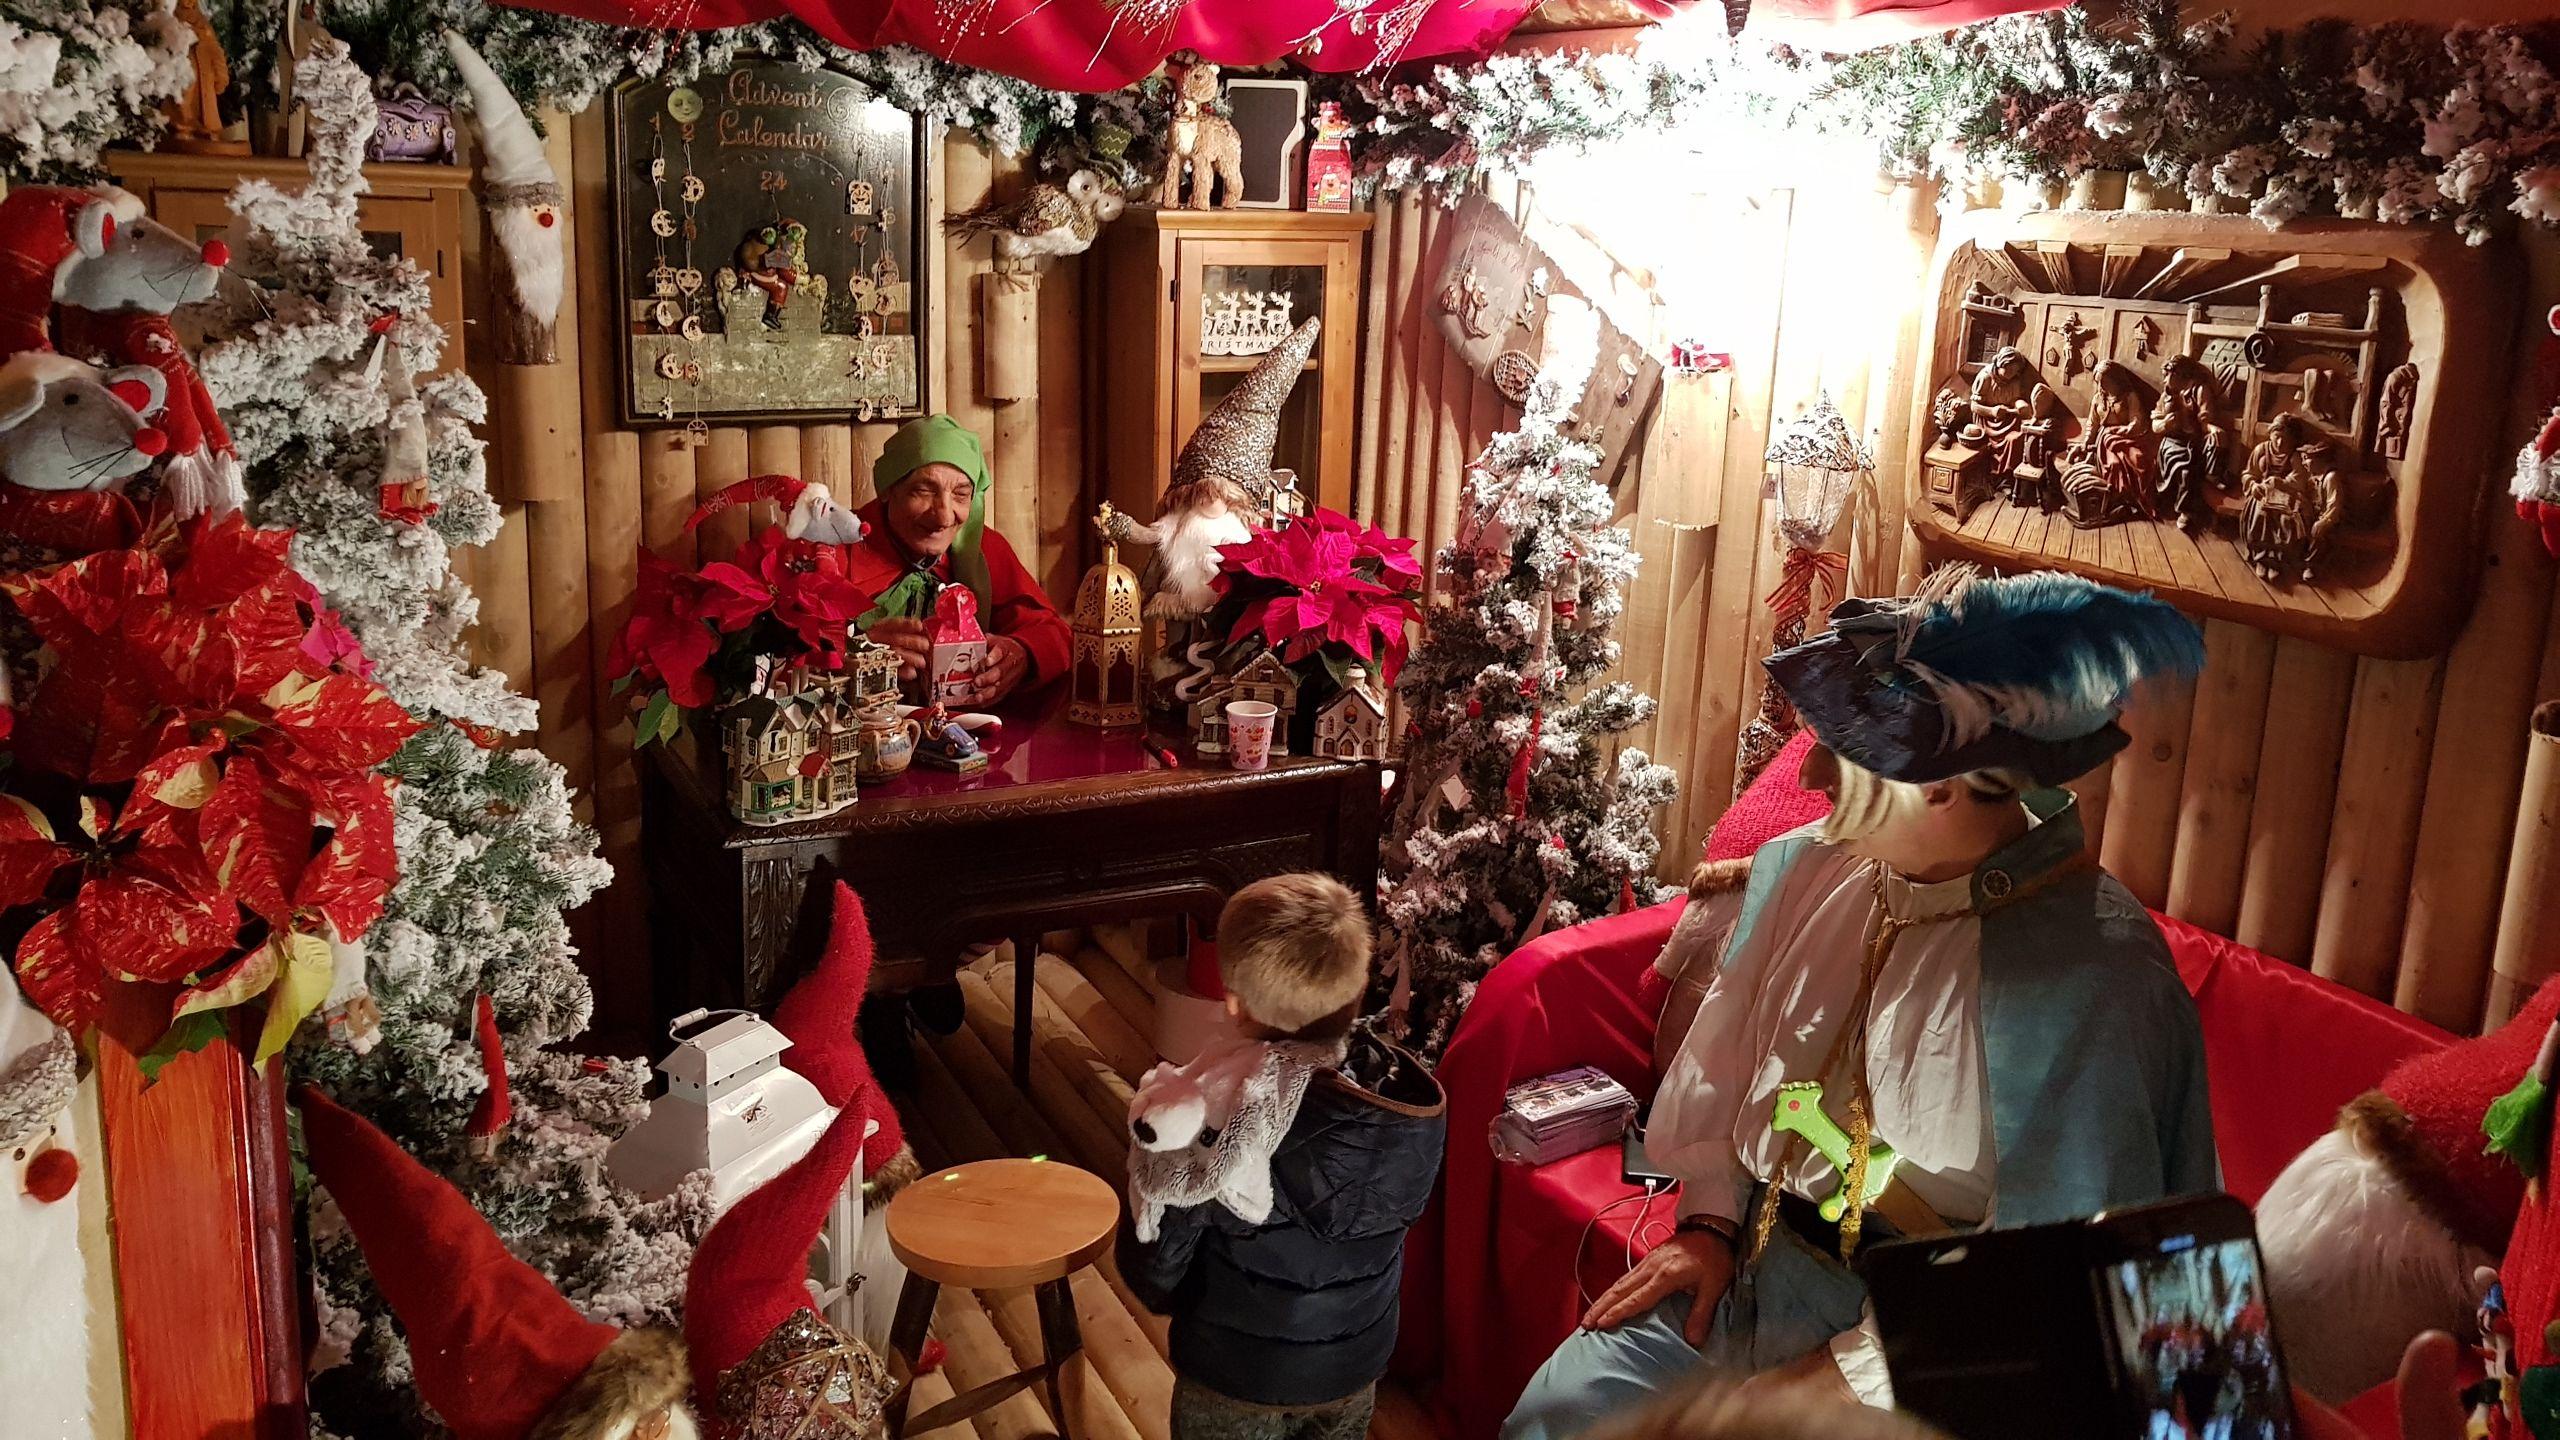 CASTELLAMONTE - Tutta la magia delle feste nell'ufficio postale di Babbo Natale - FOTO